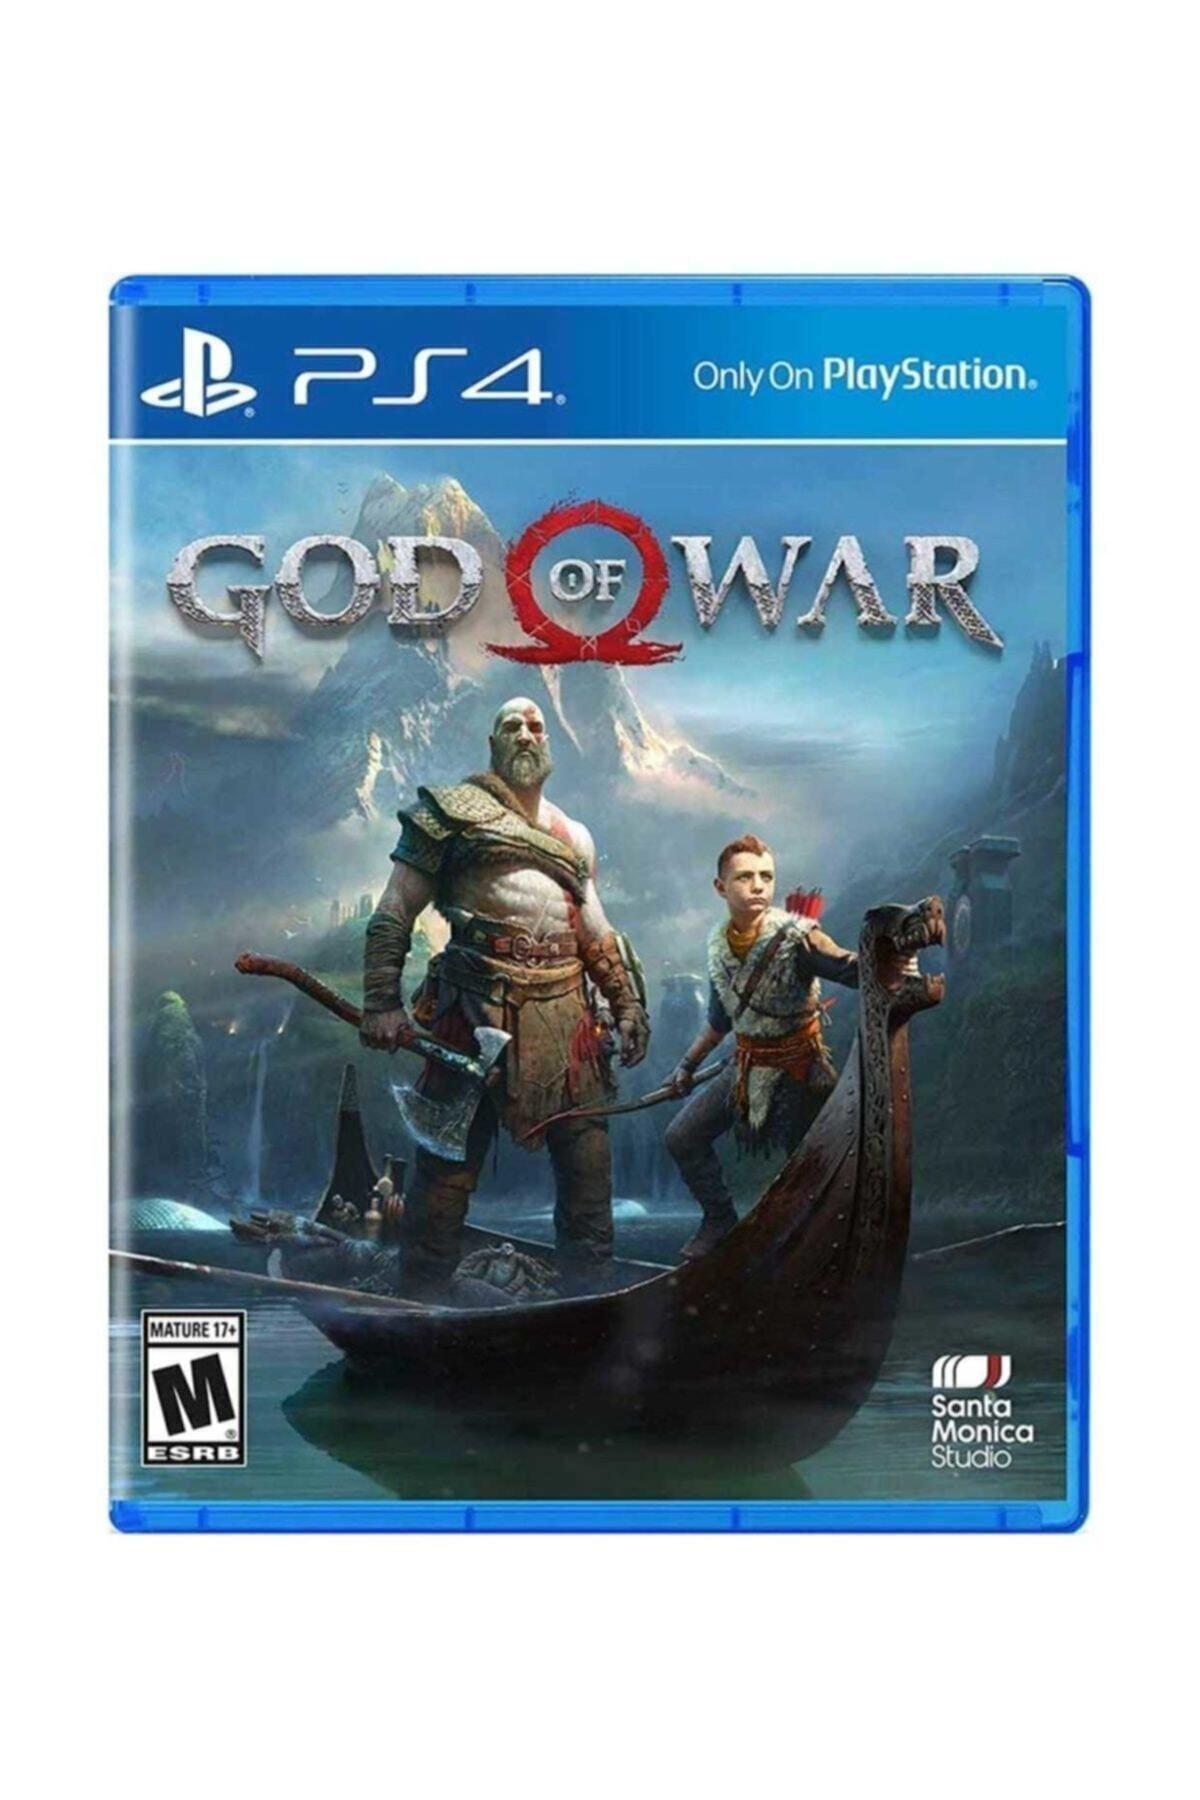 Santo Monica Studio God Of War Türkçe Altyazılı Ps4 Oyun 1